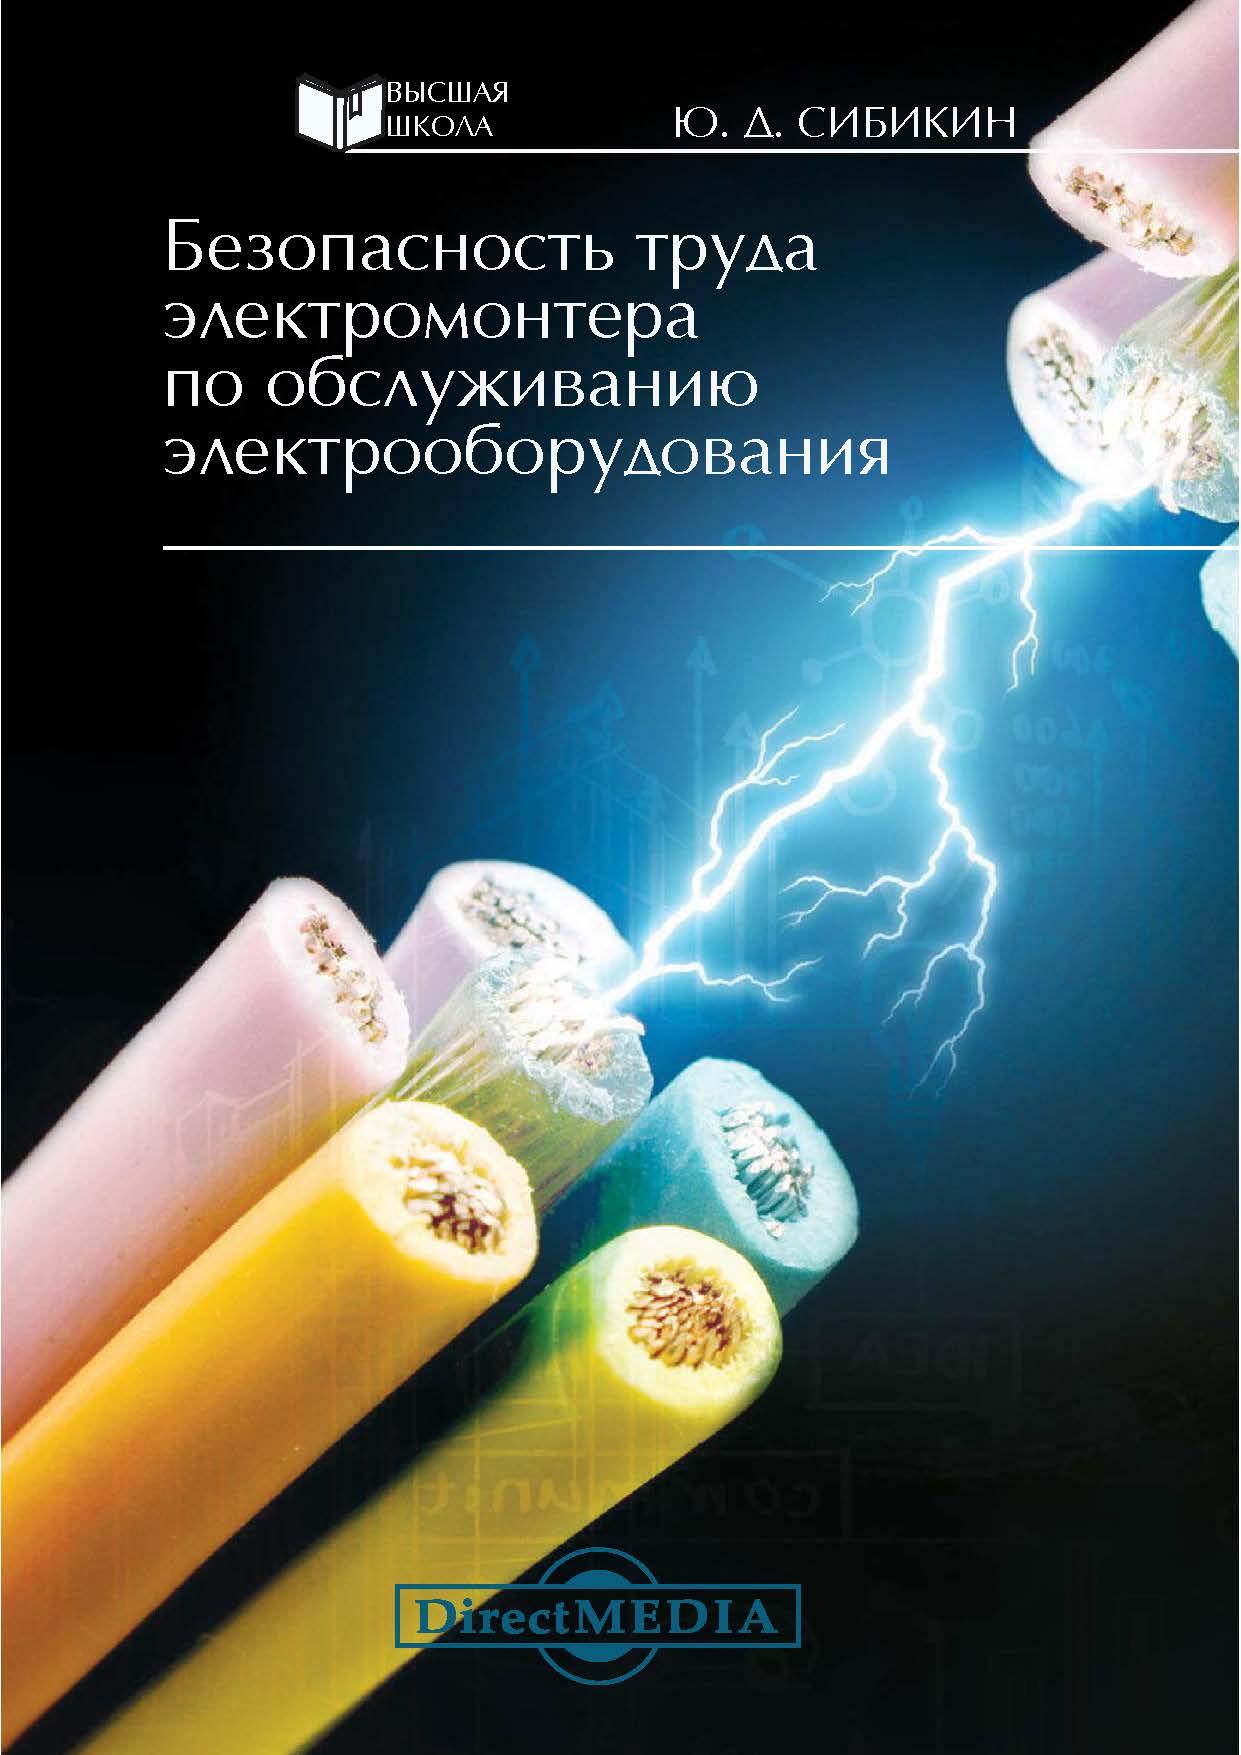 Юрий Сибикин Безопасность труда электромонтера по обслуживанию электрооборудования